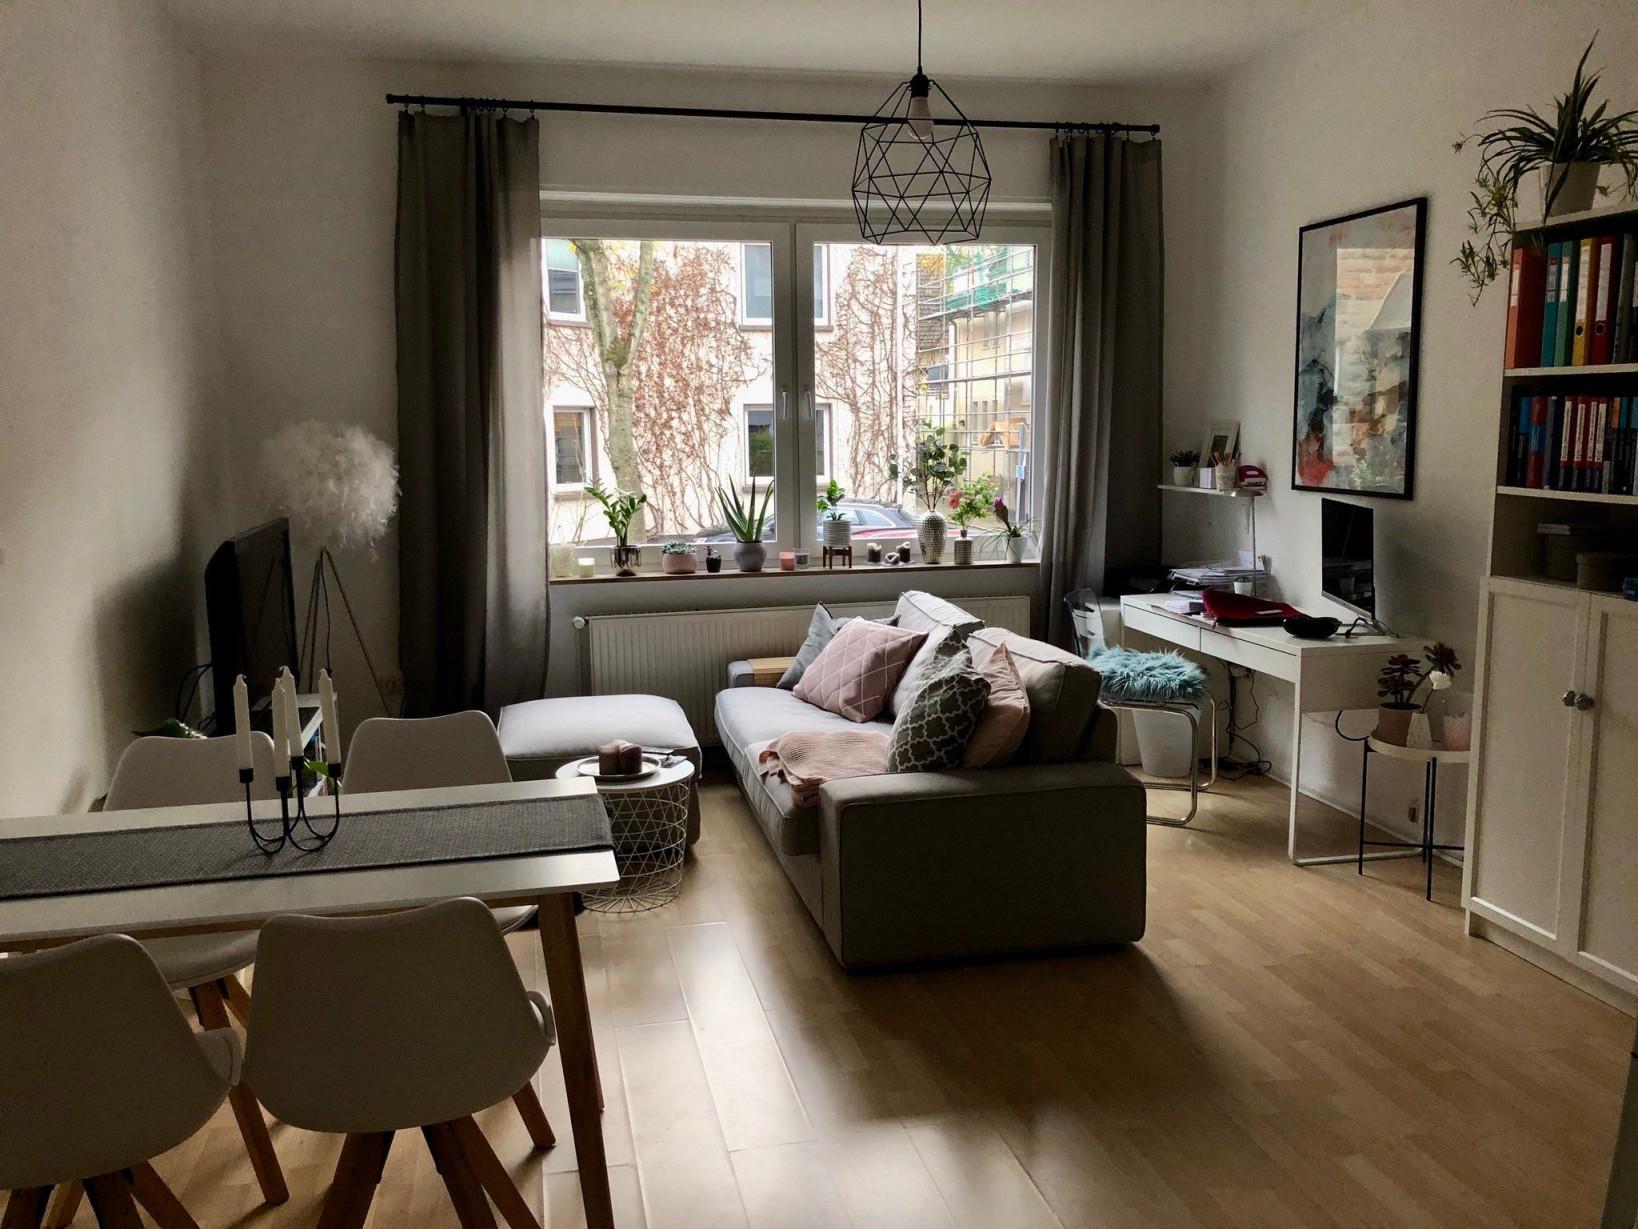 Schönes Wohn Und Esszimmer  Wohnung Innenarchitektur von Wohnzimmer Mit Essbereich Einrichten Photo